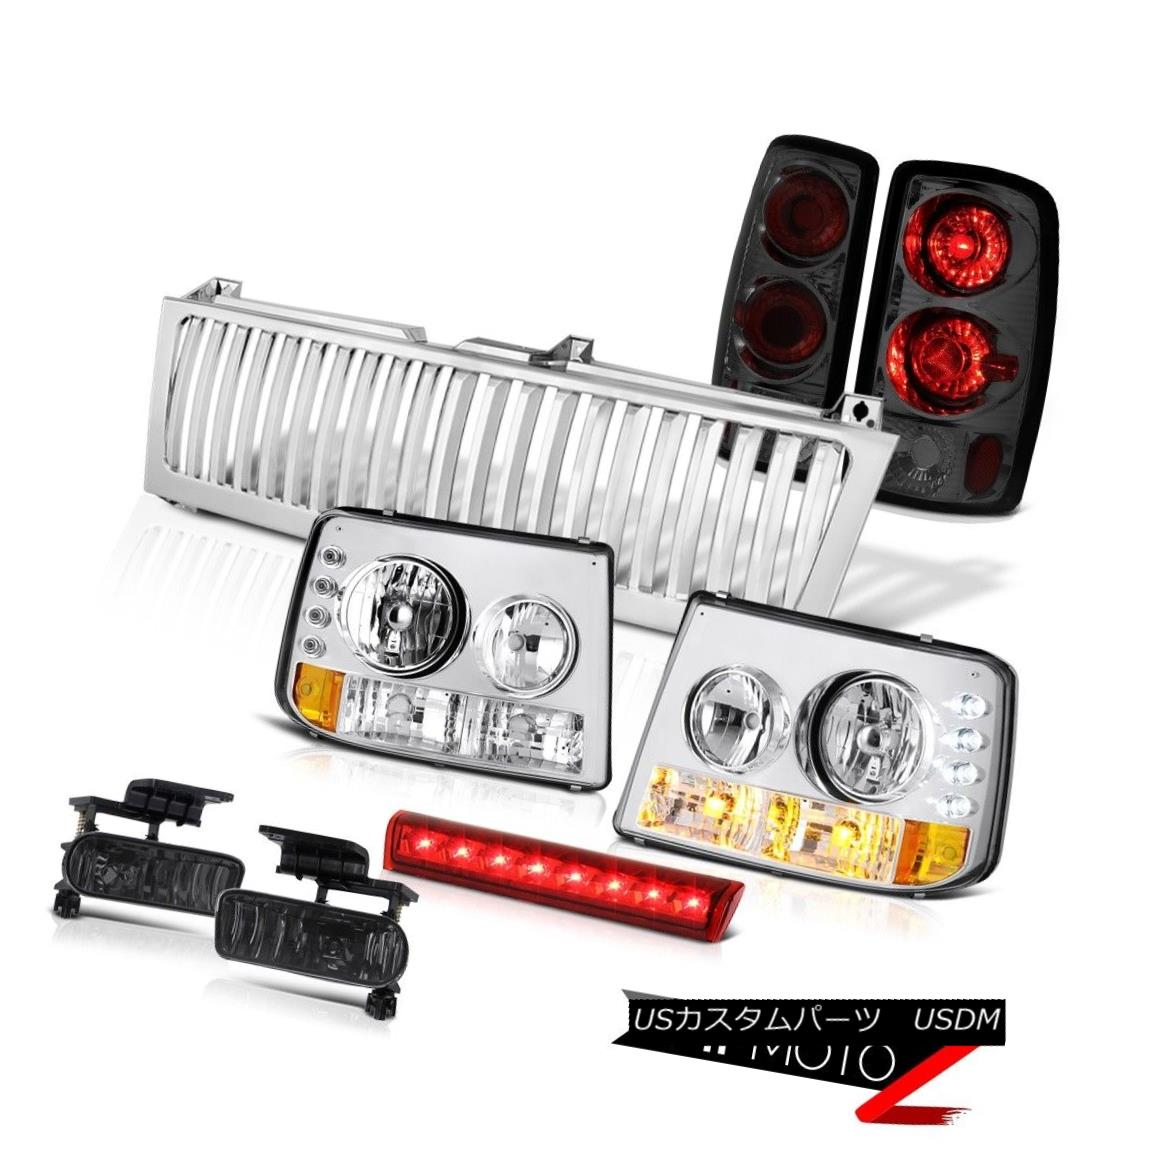 ウインカー関連パーツ 【エントリーでポイント10倍】 スモークレンズ 左右セット LEDシーケンシャルウインカー ライズコーポレーション 汎用 汎用